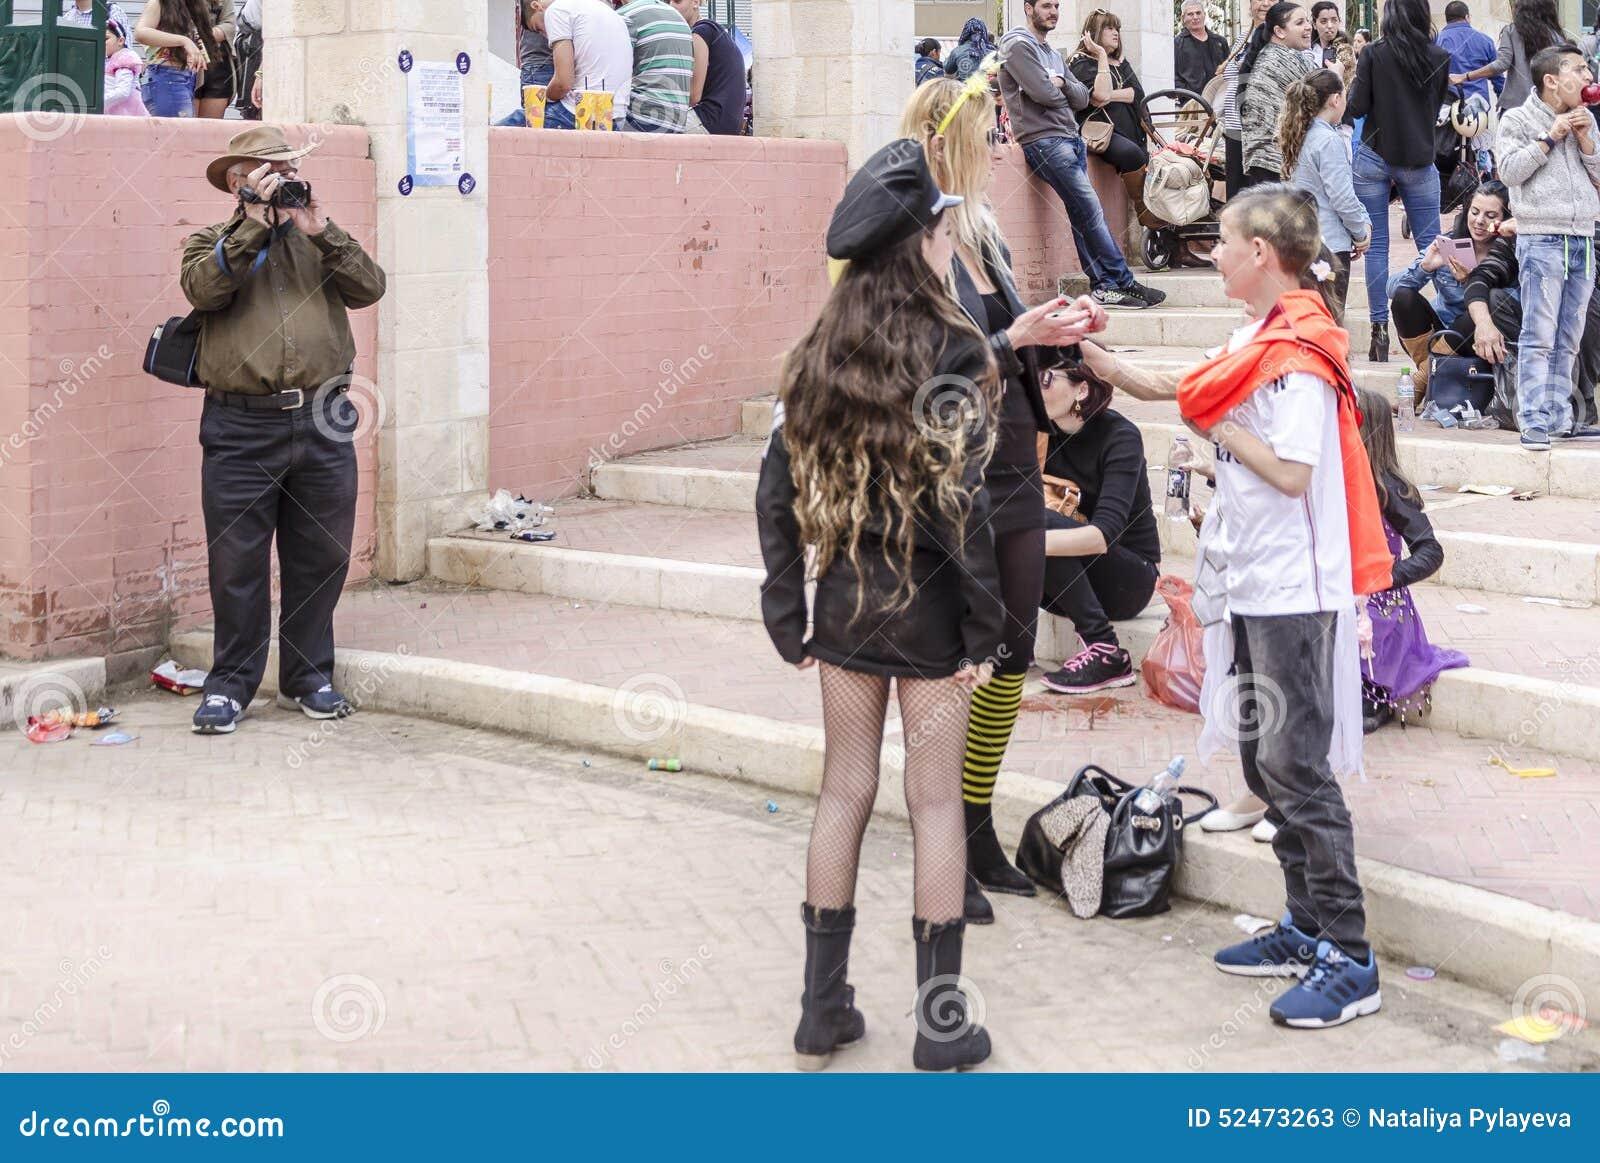 Девушка снимает костюм, ебля толстым коротким хуем